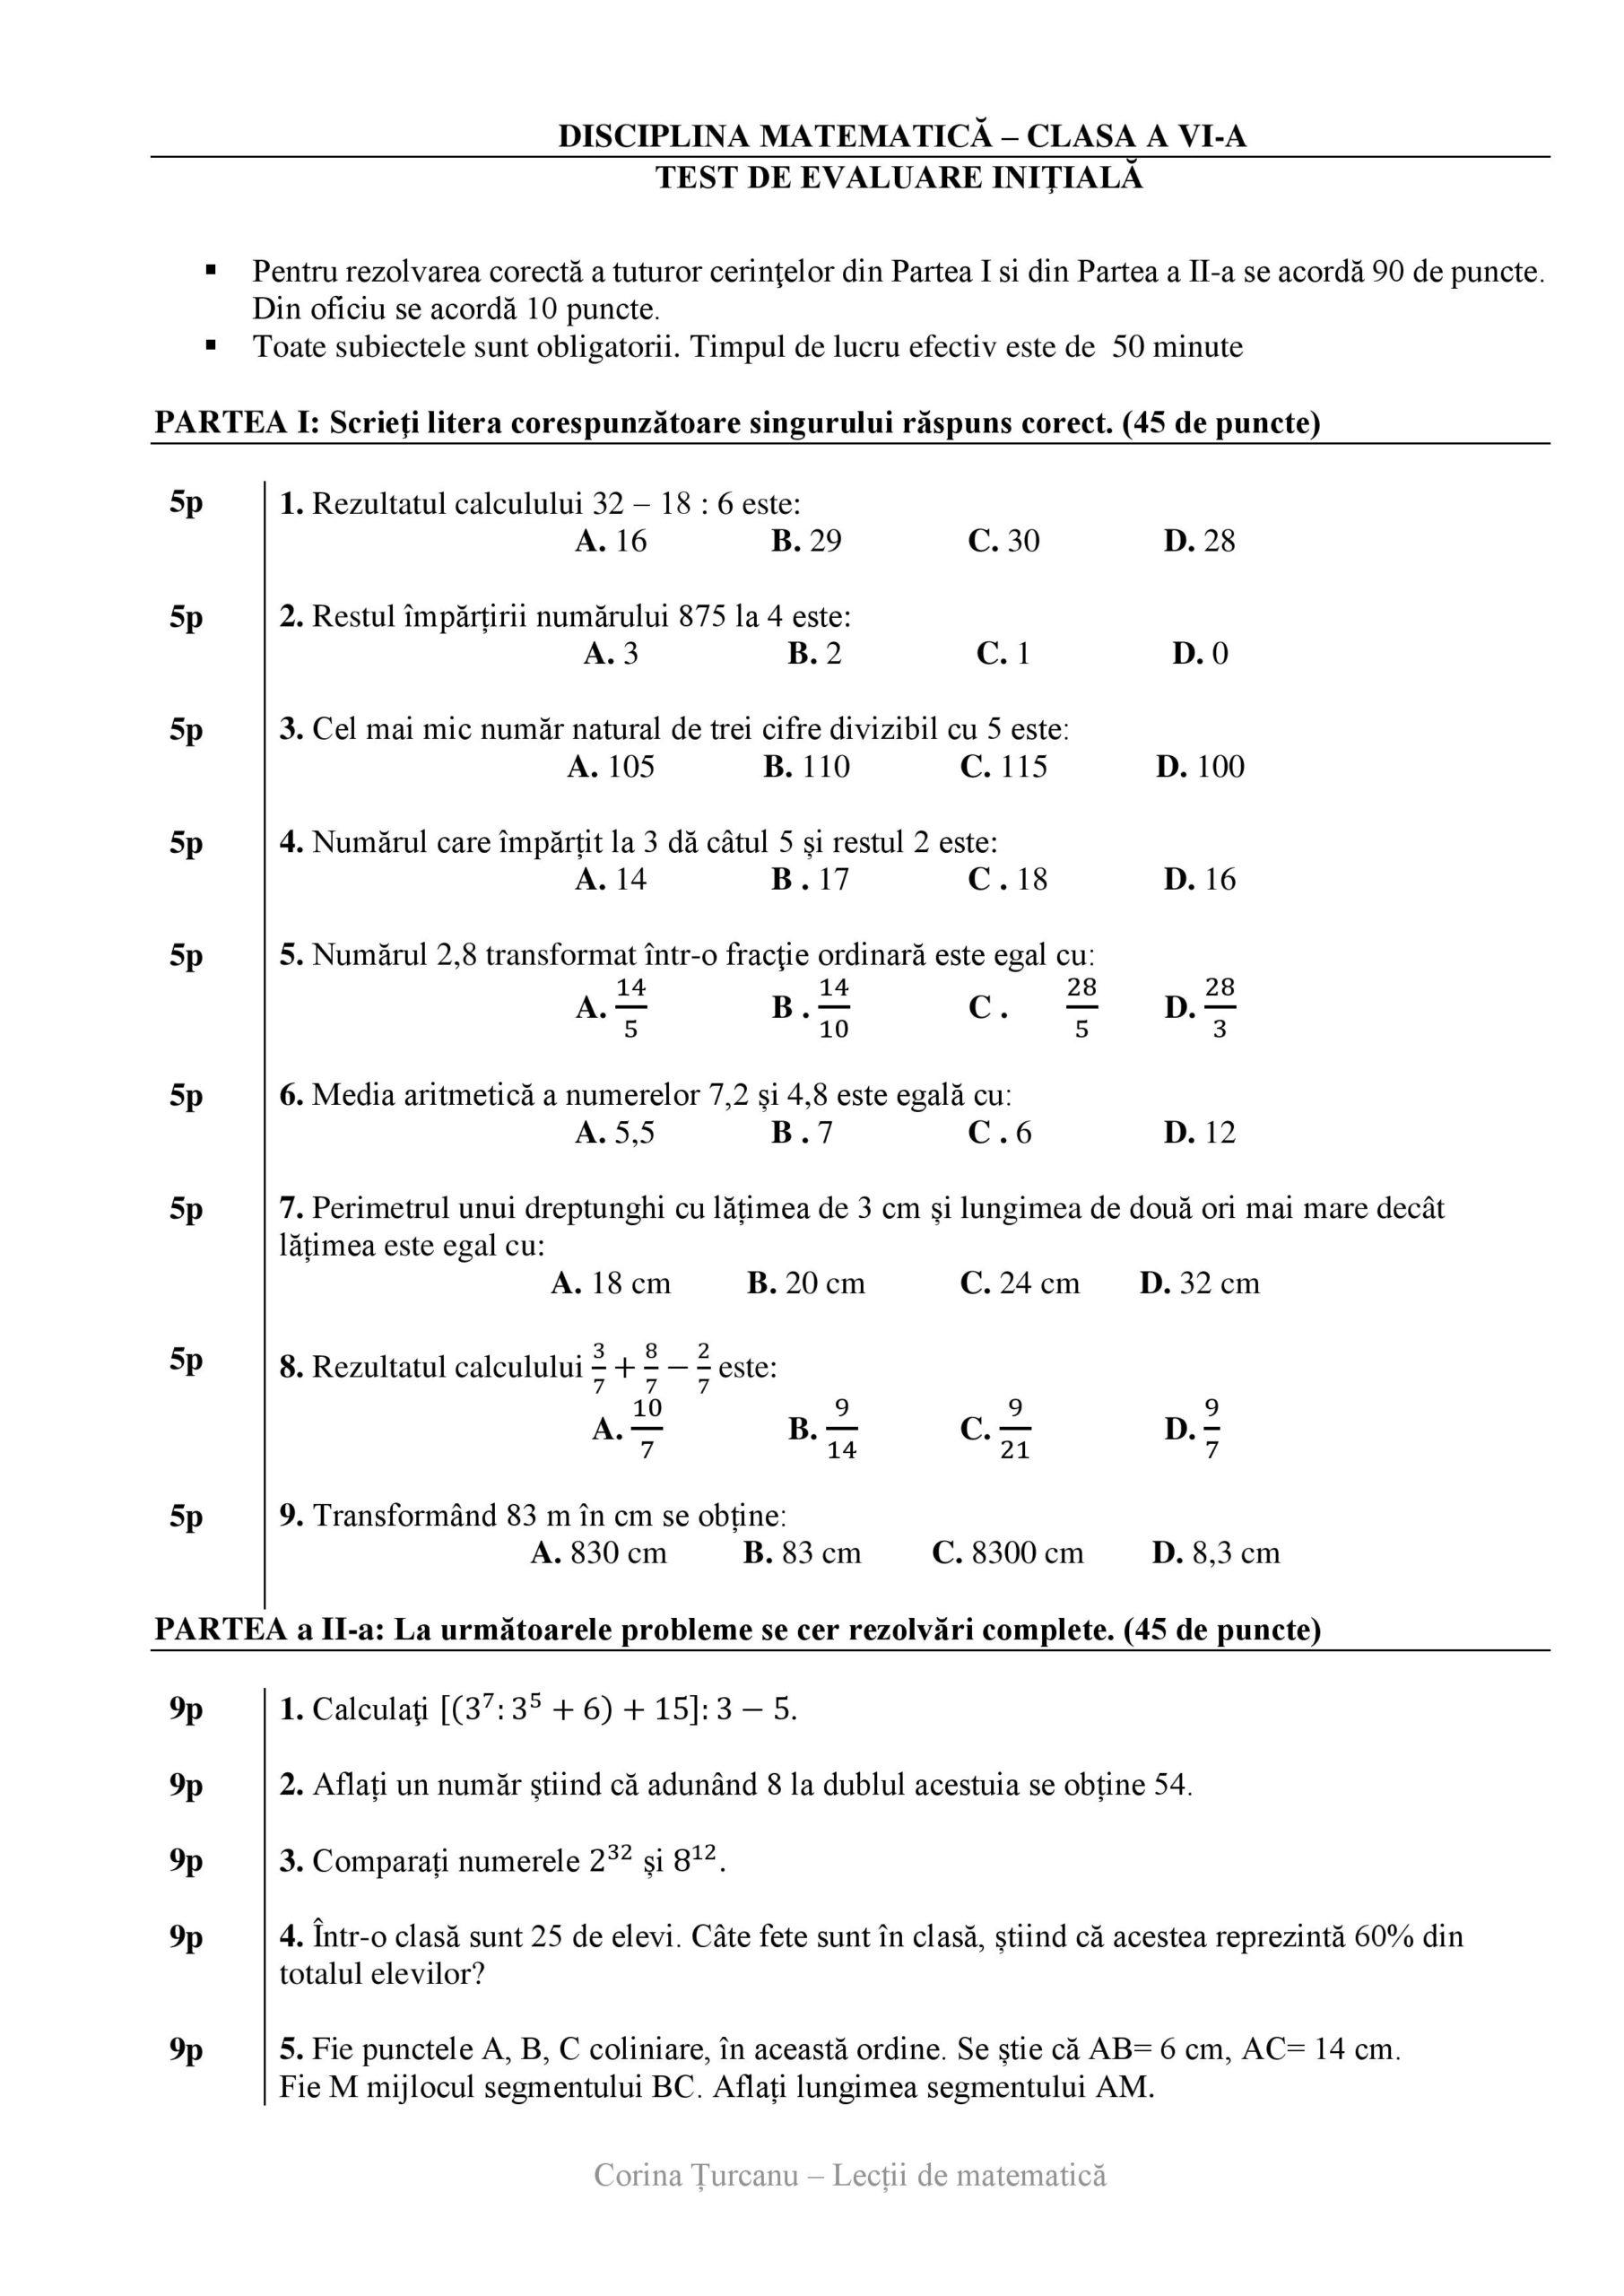 Test initial matematica pentru clasa a sasea